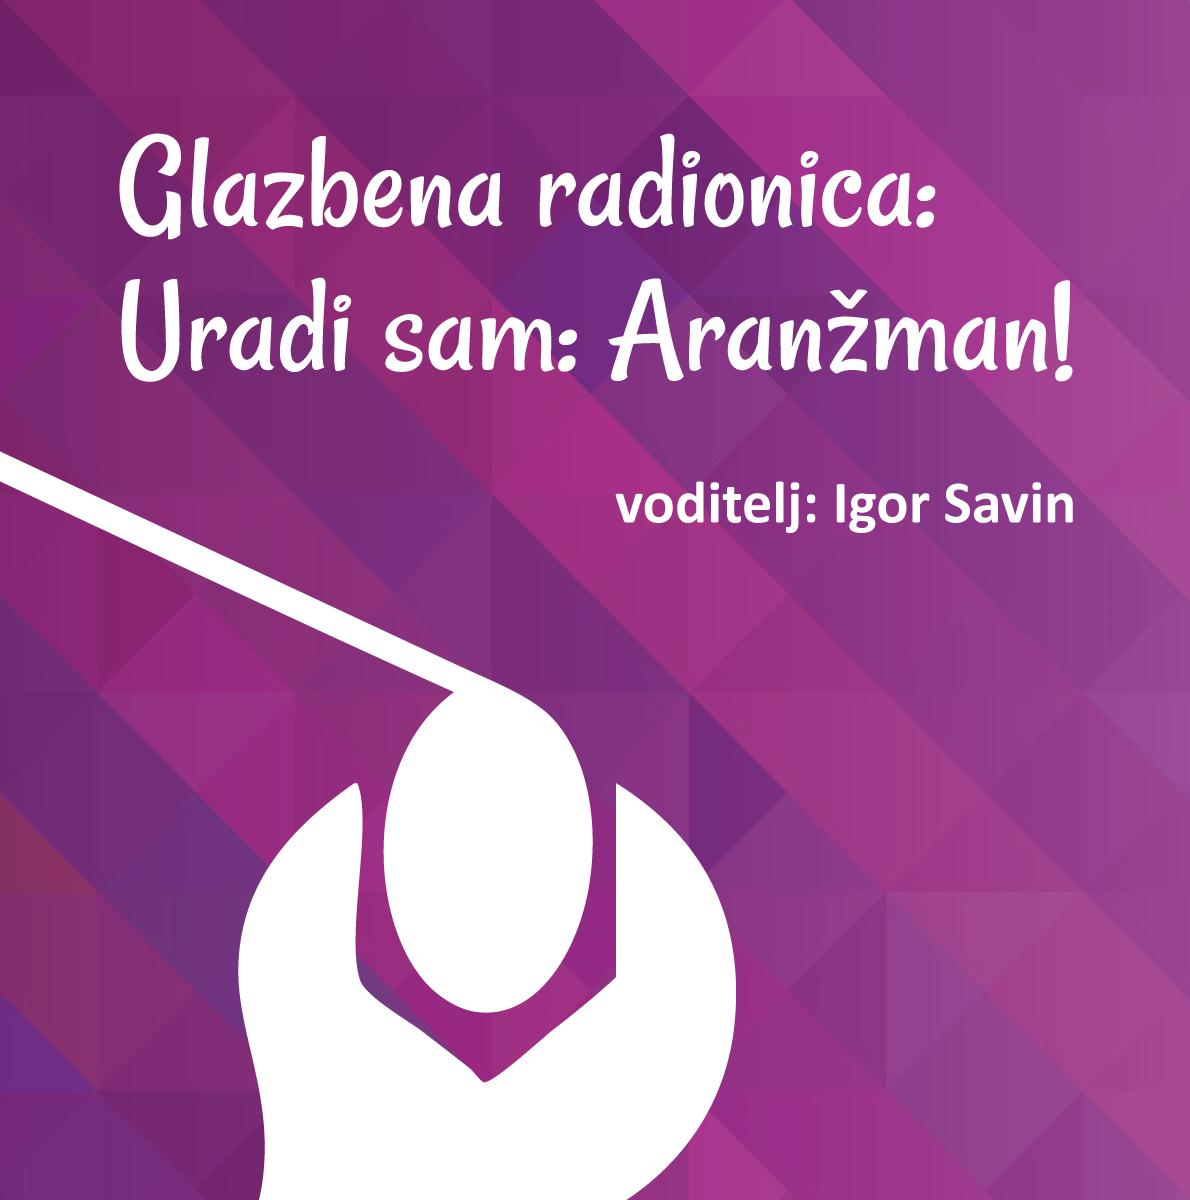 Glazbena radionica – Uradi sam: Aranžman!